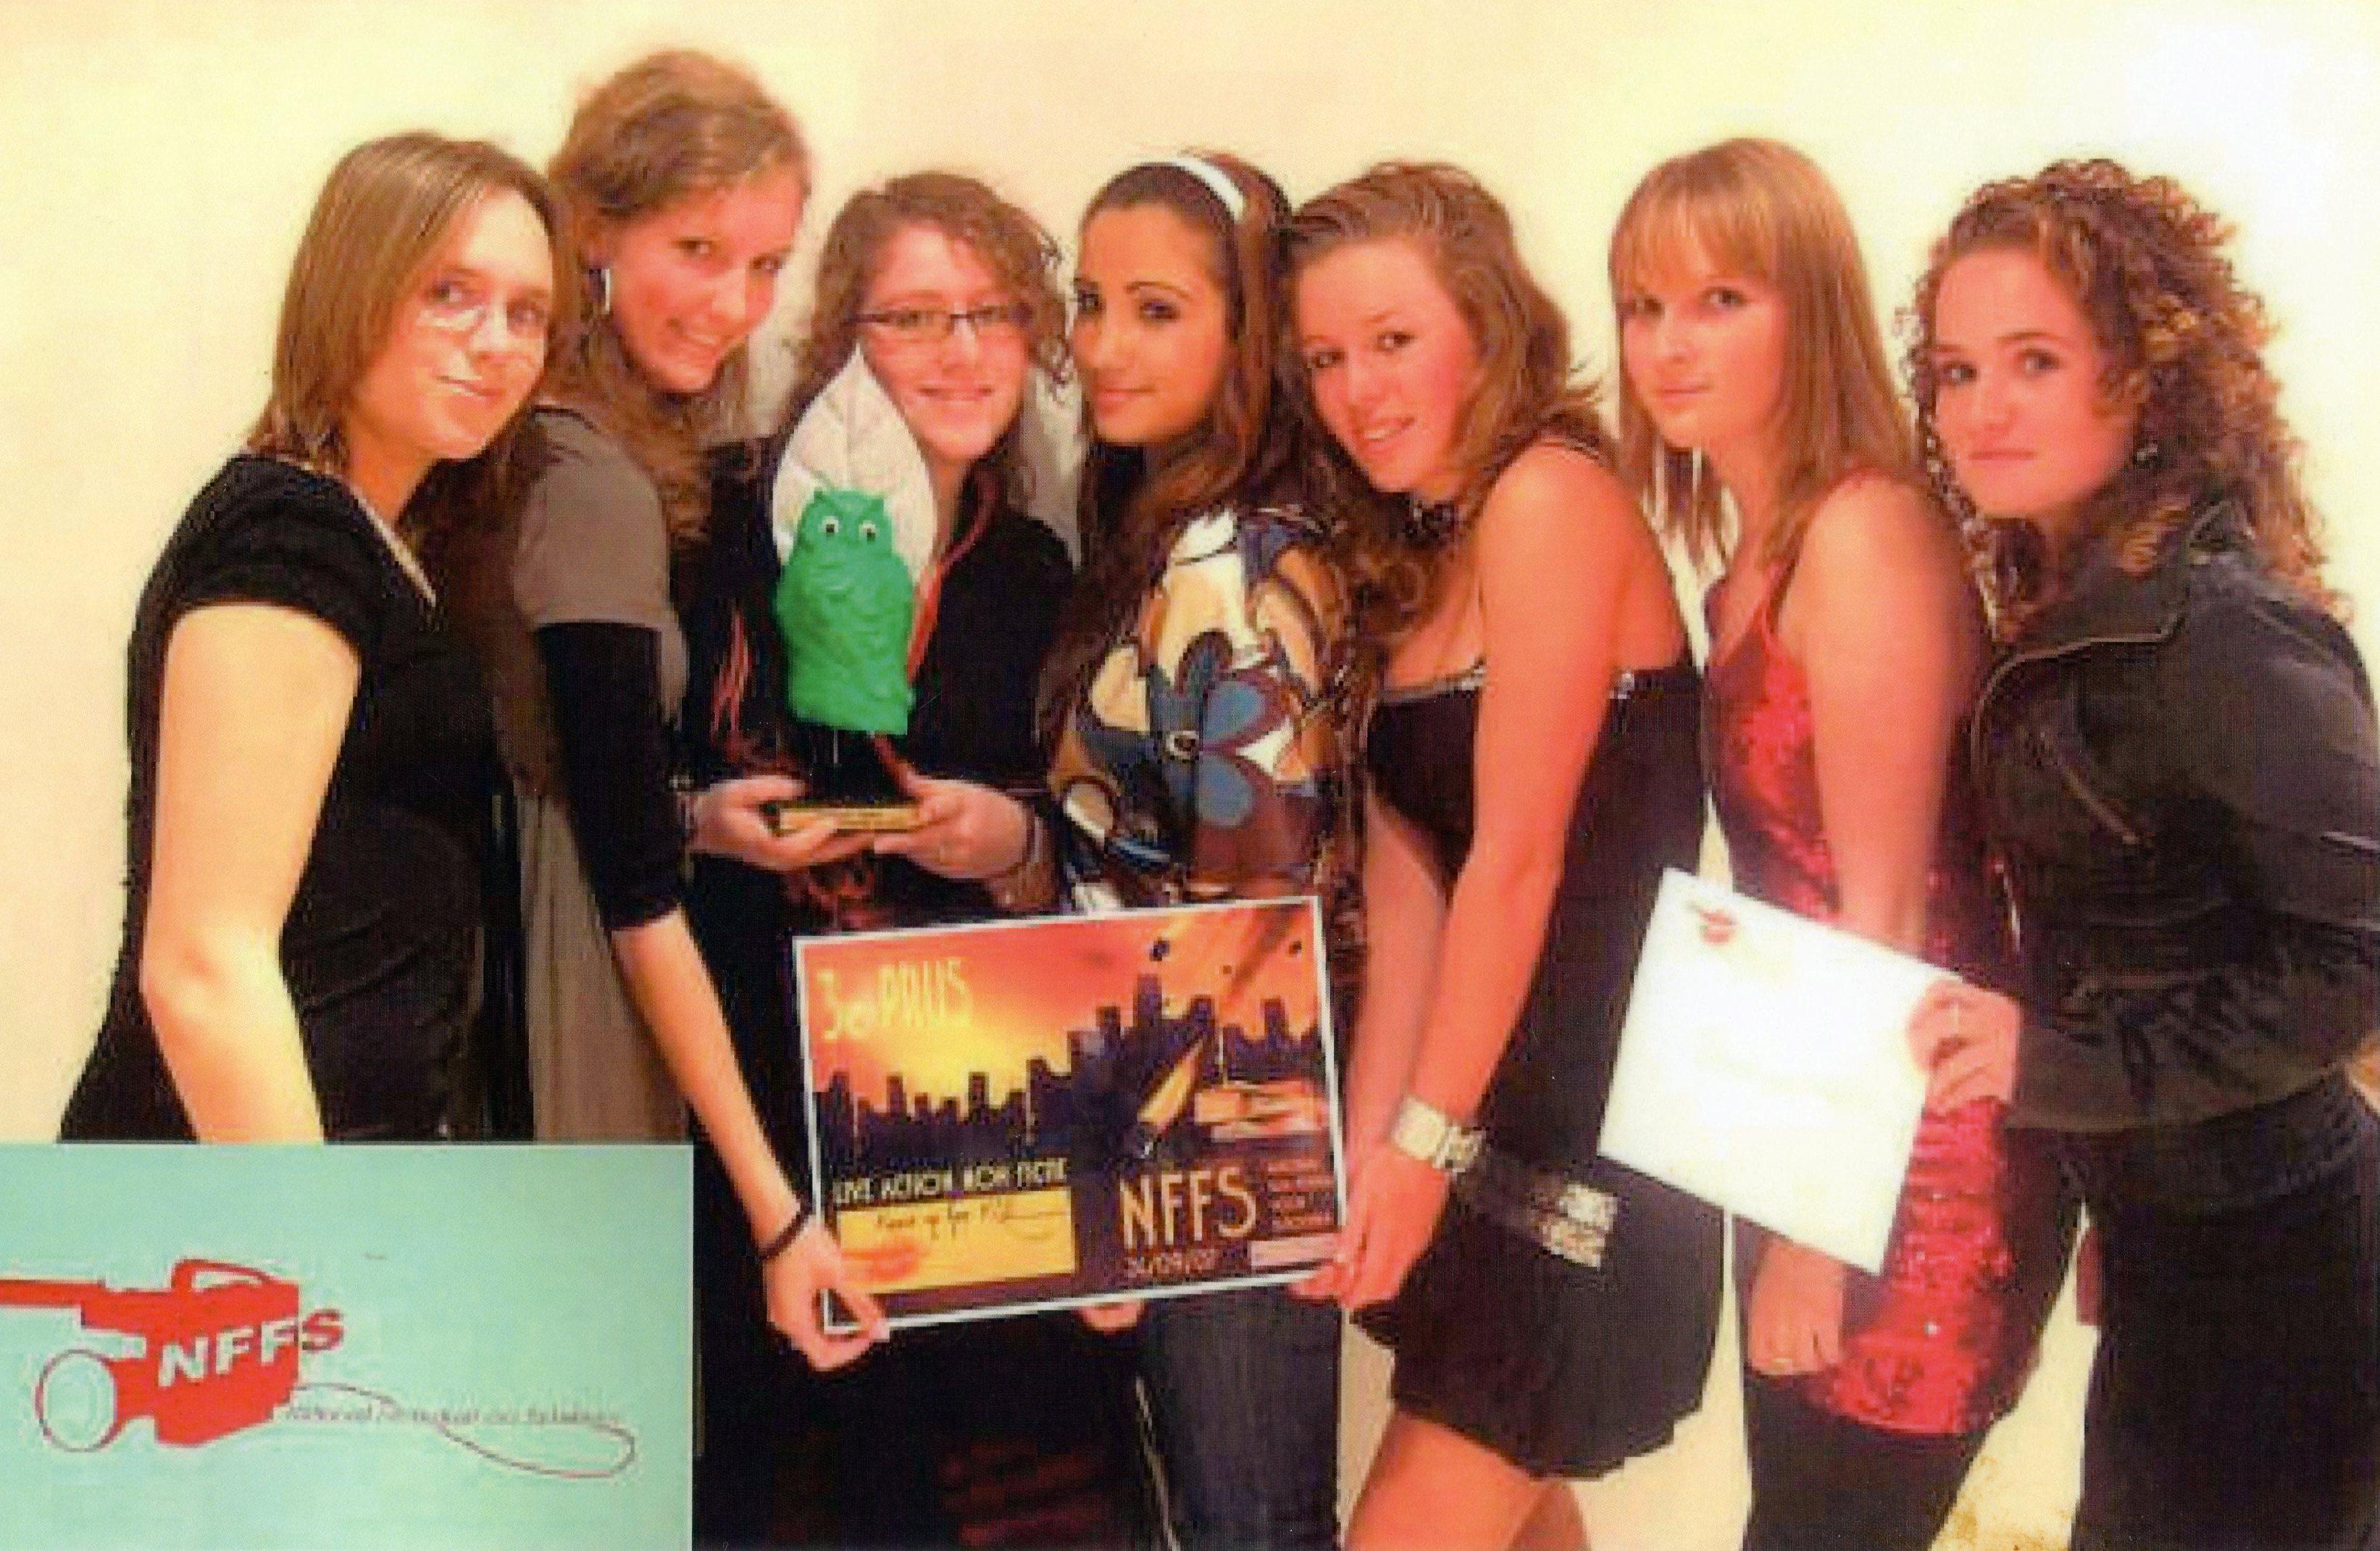 vlnr:Judith,Anouk,Nilli,Newroz,Ilse,Lilian,Mylene